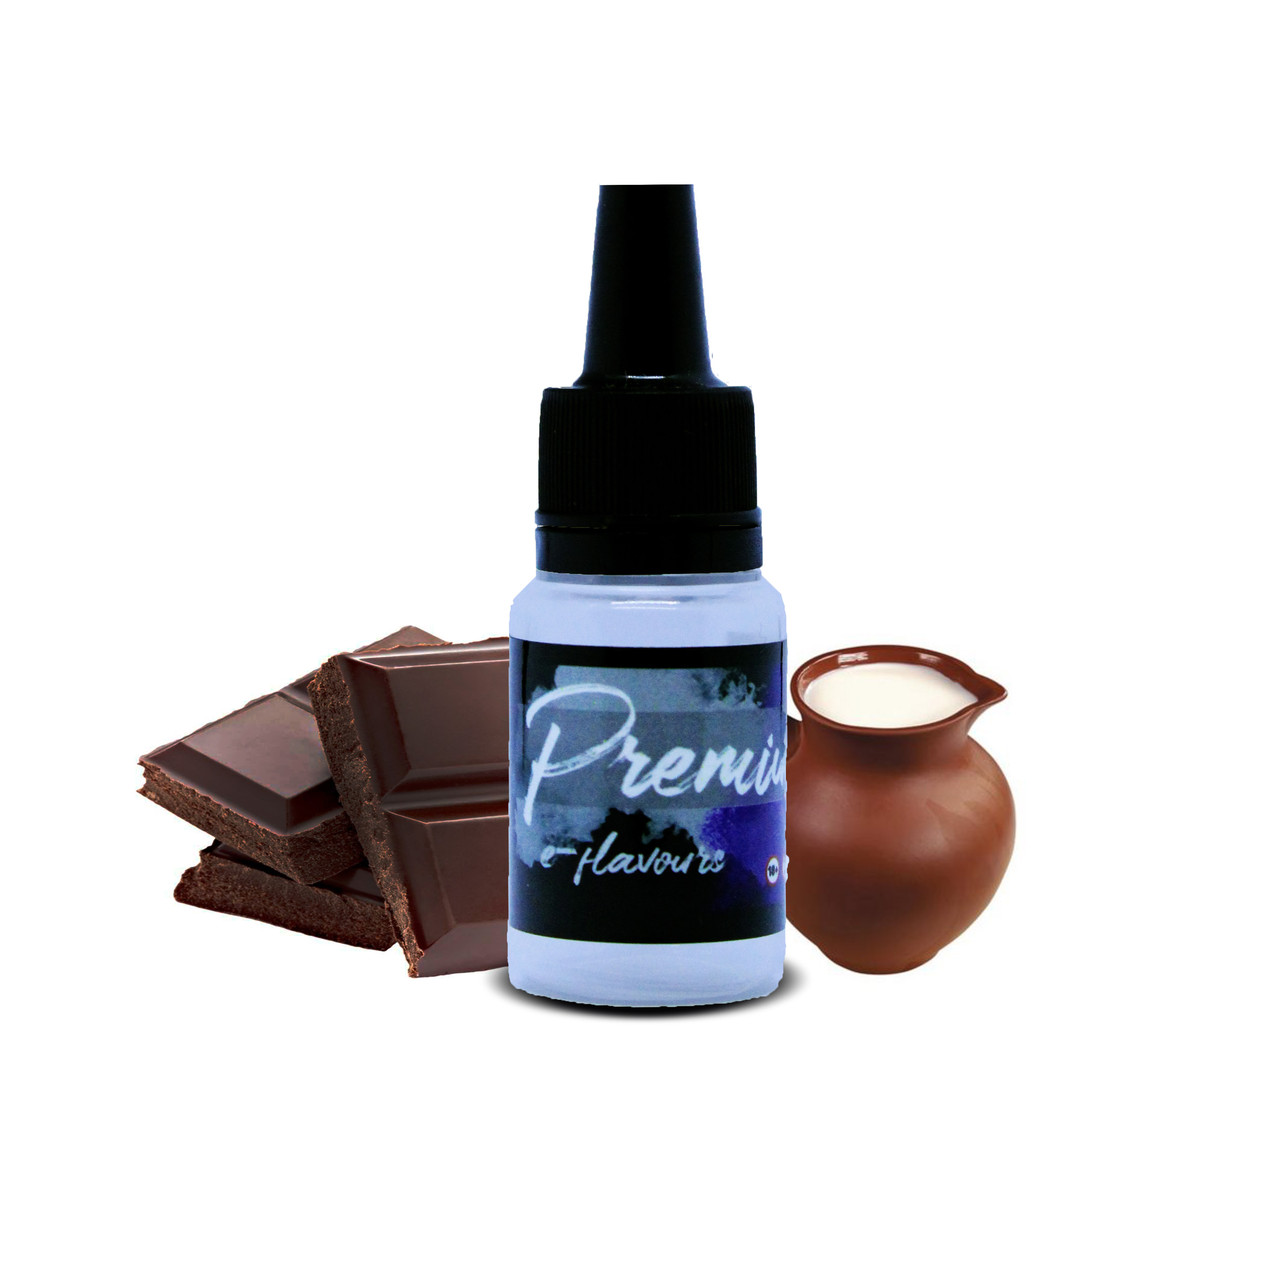 Микс ароматизаторов Черный шоколад с топленым молоком 10 мл